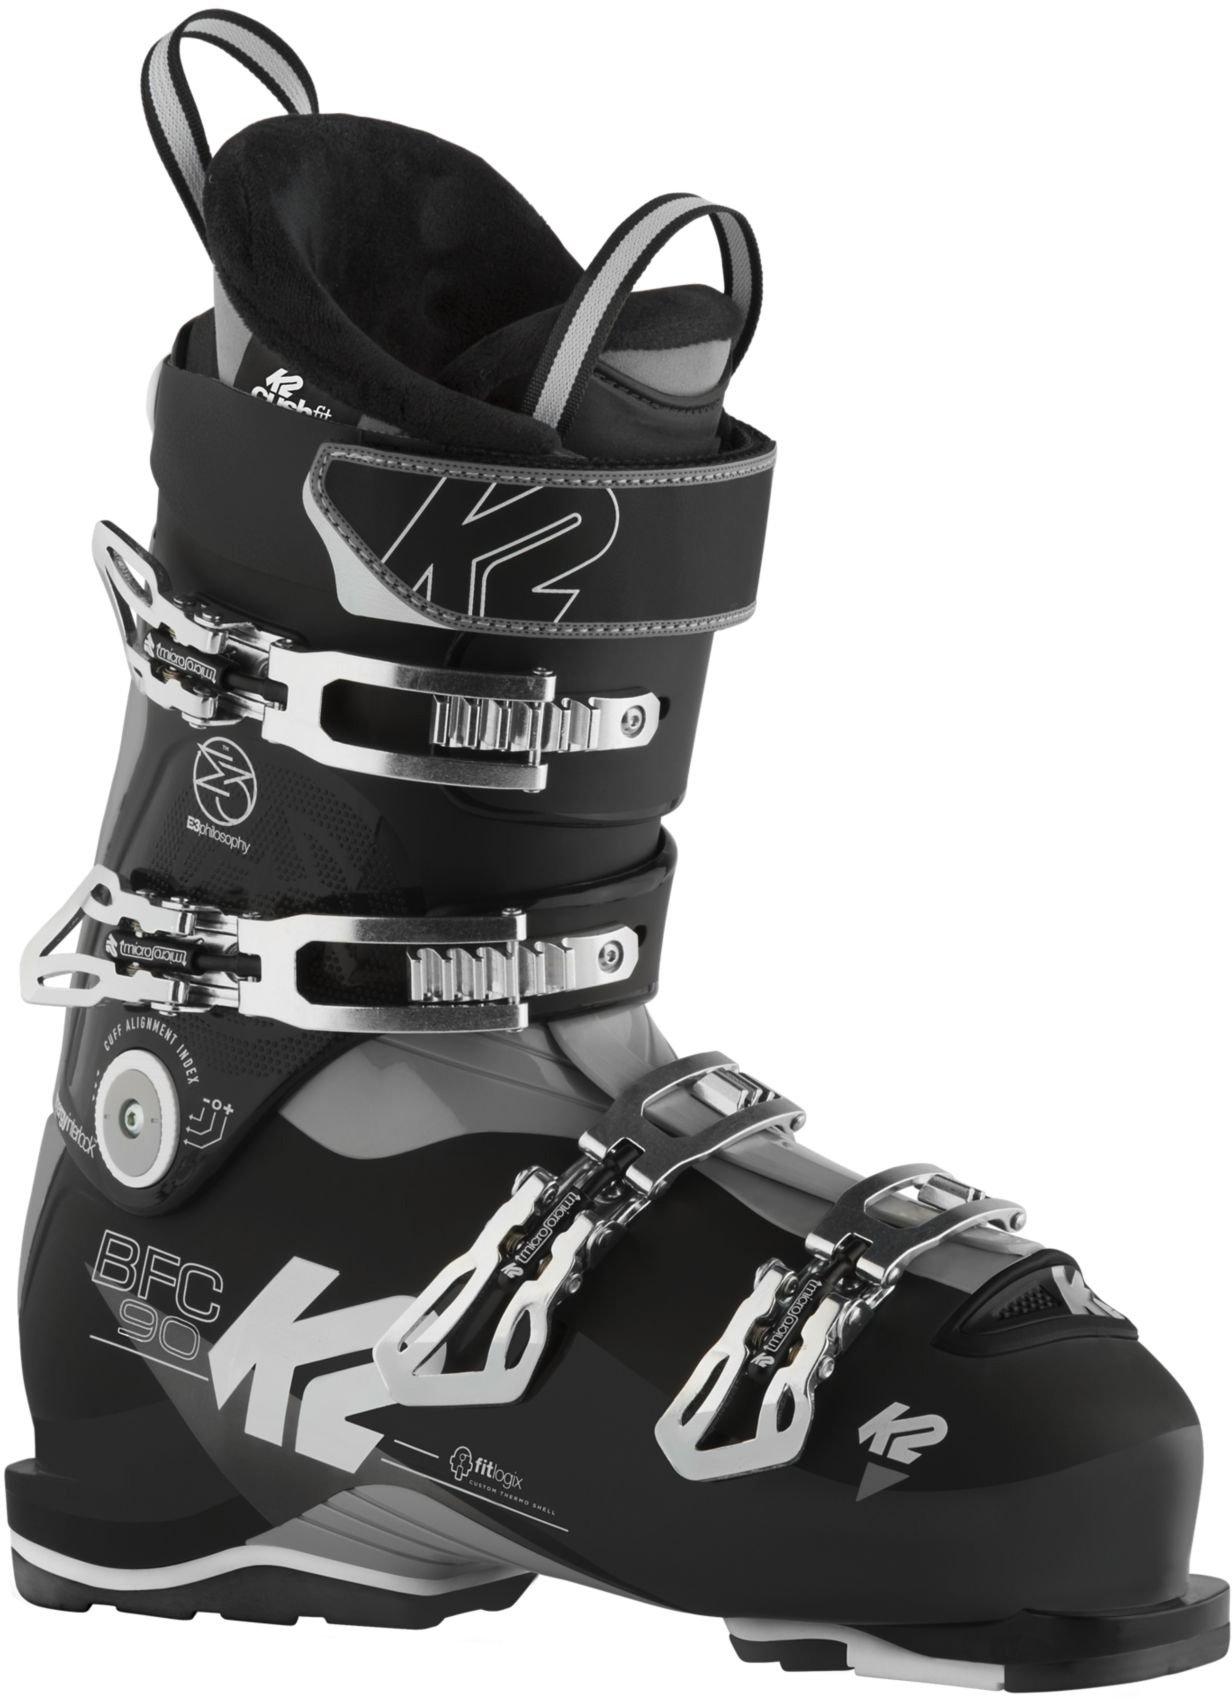 K2 BFC 90 Boot - Mens, 25.5